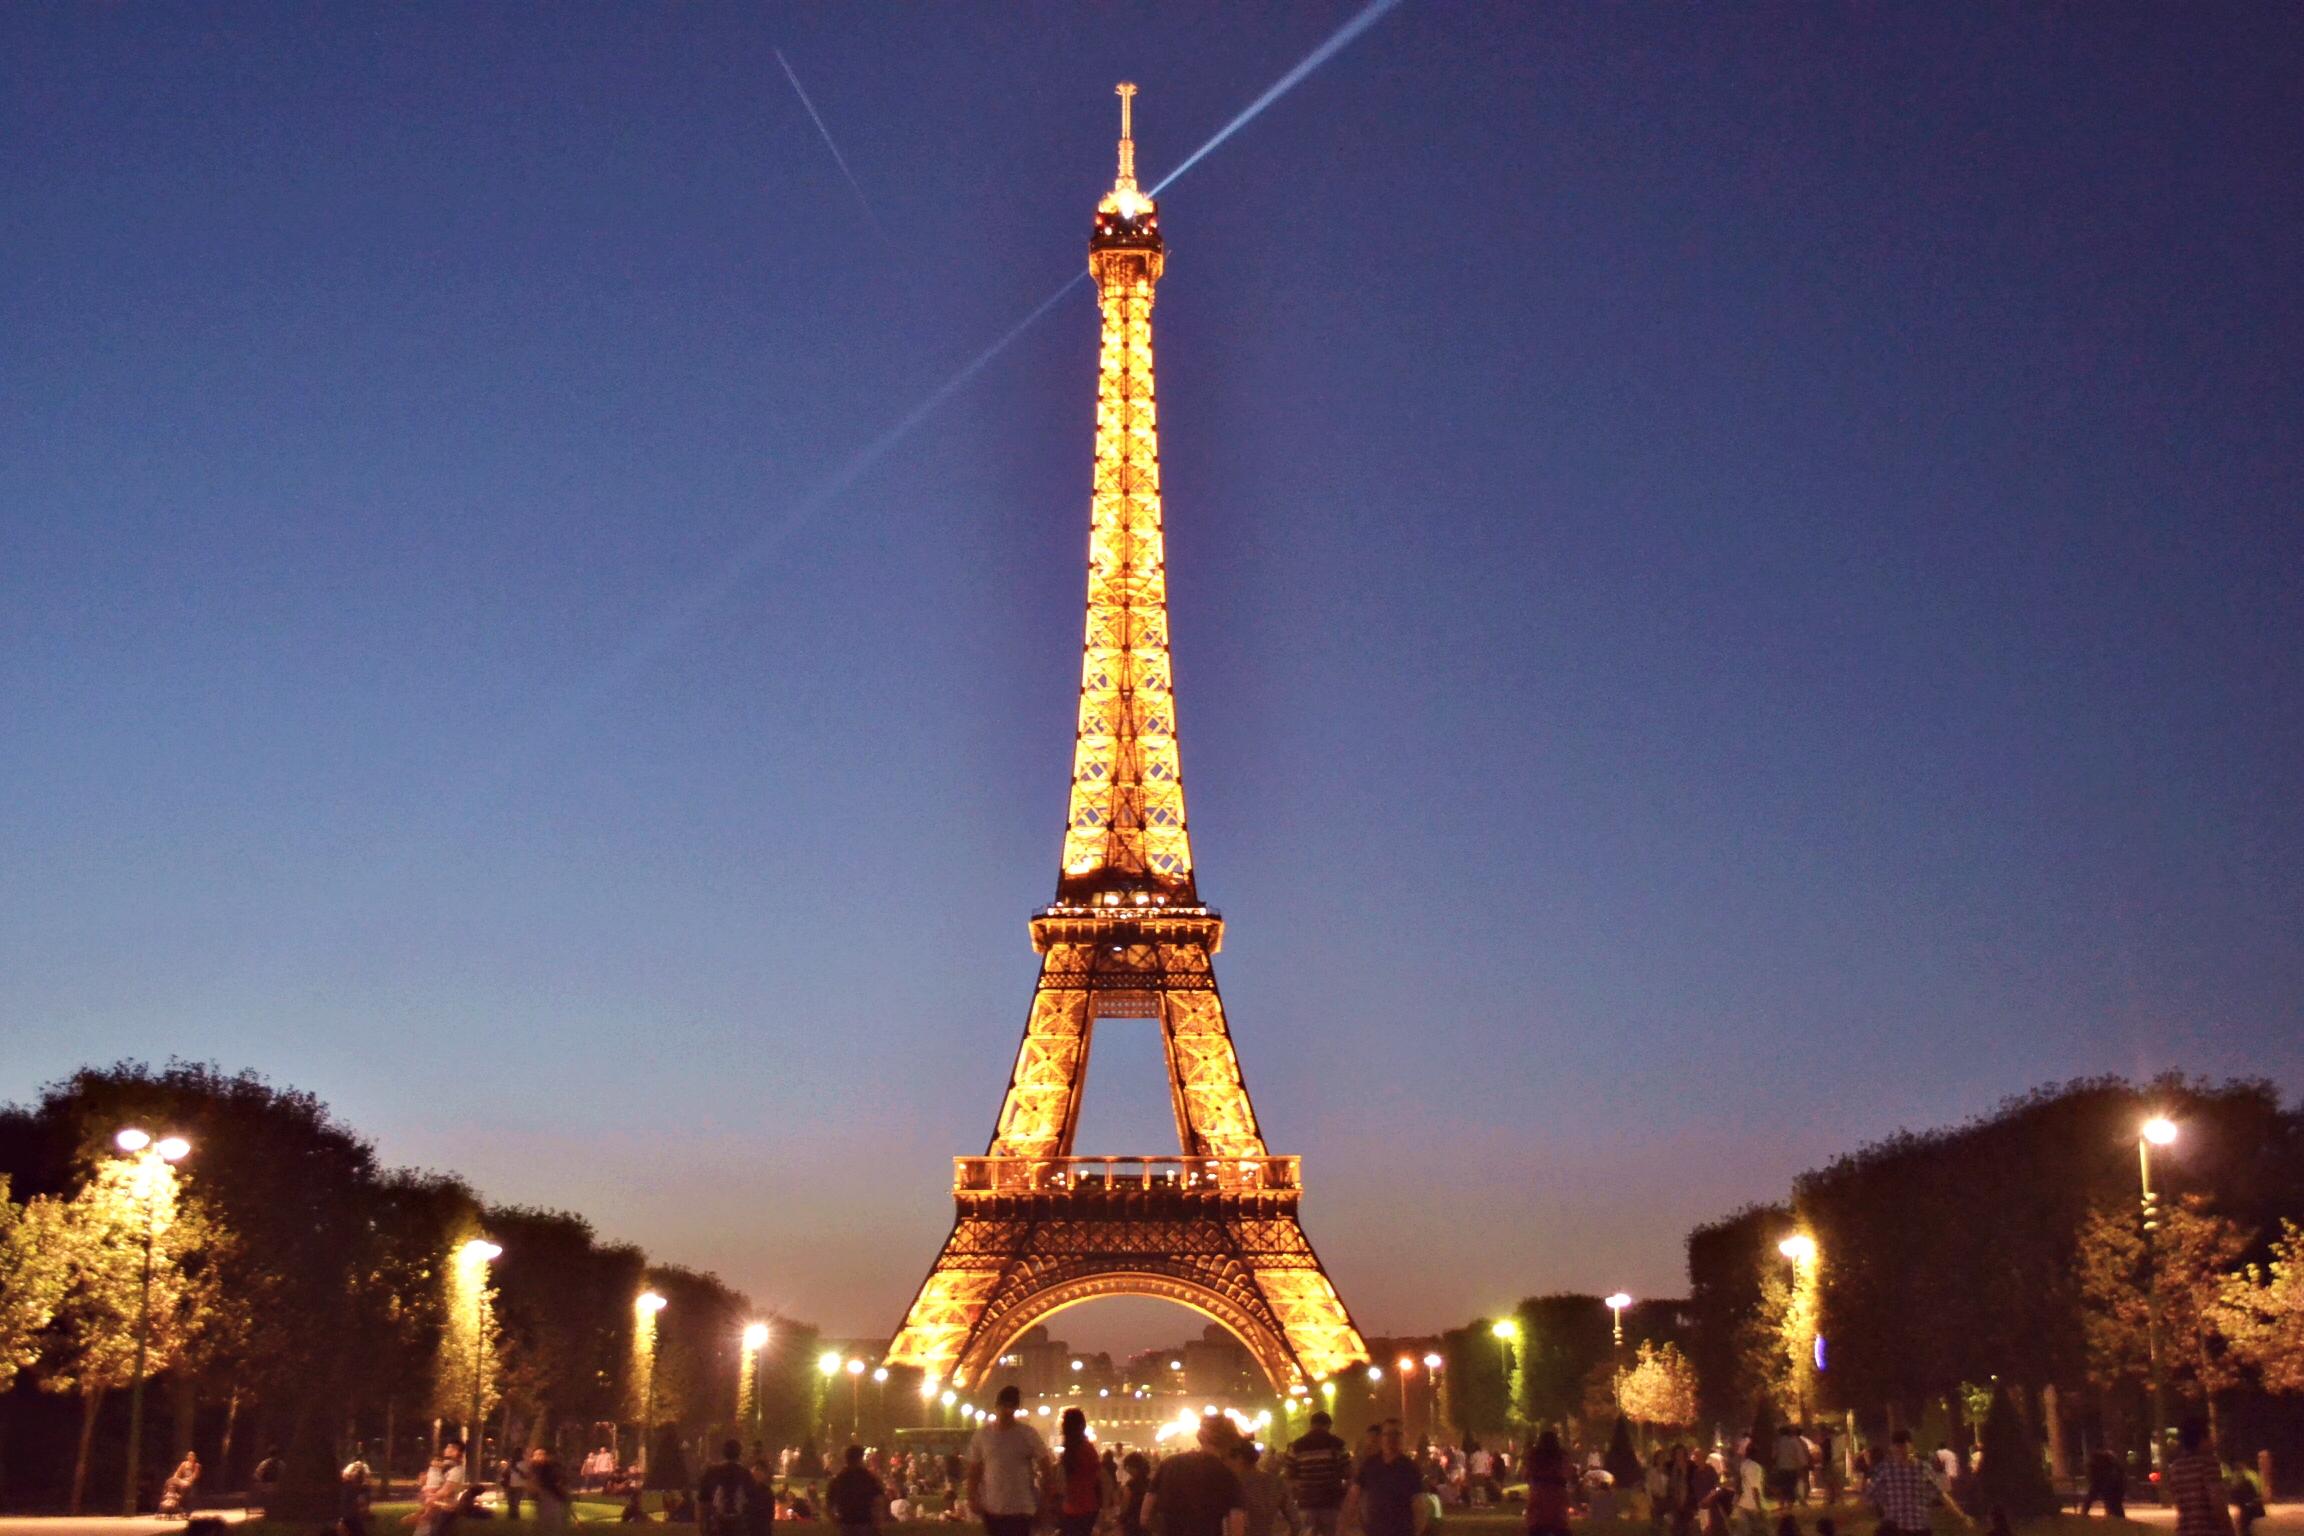 студенчества франция все о франции картинки телефону